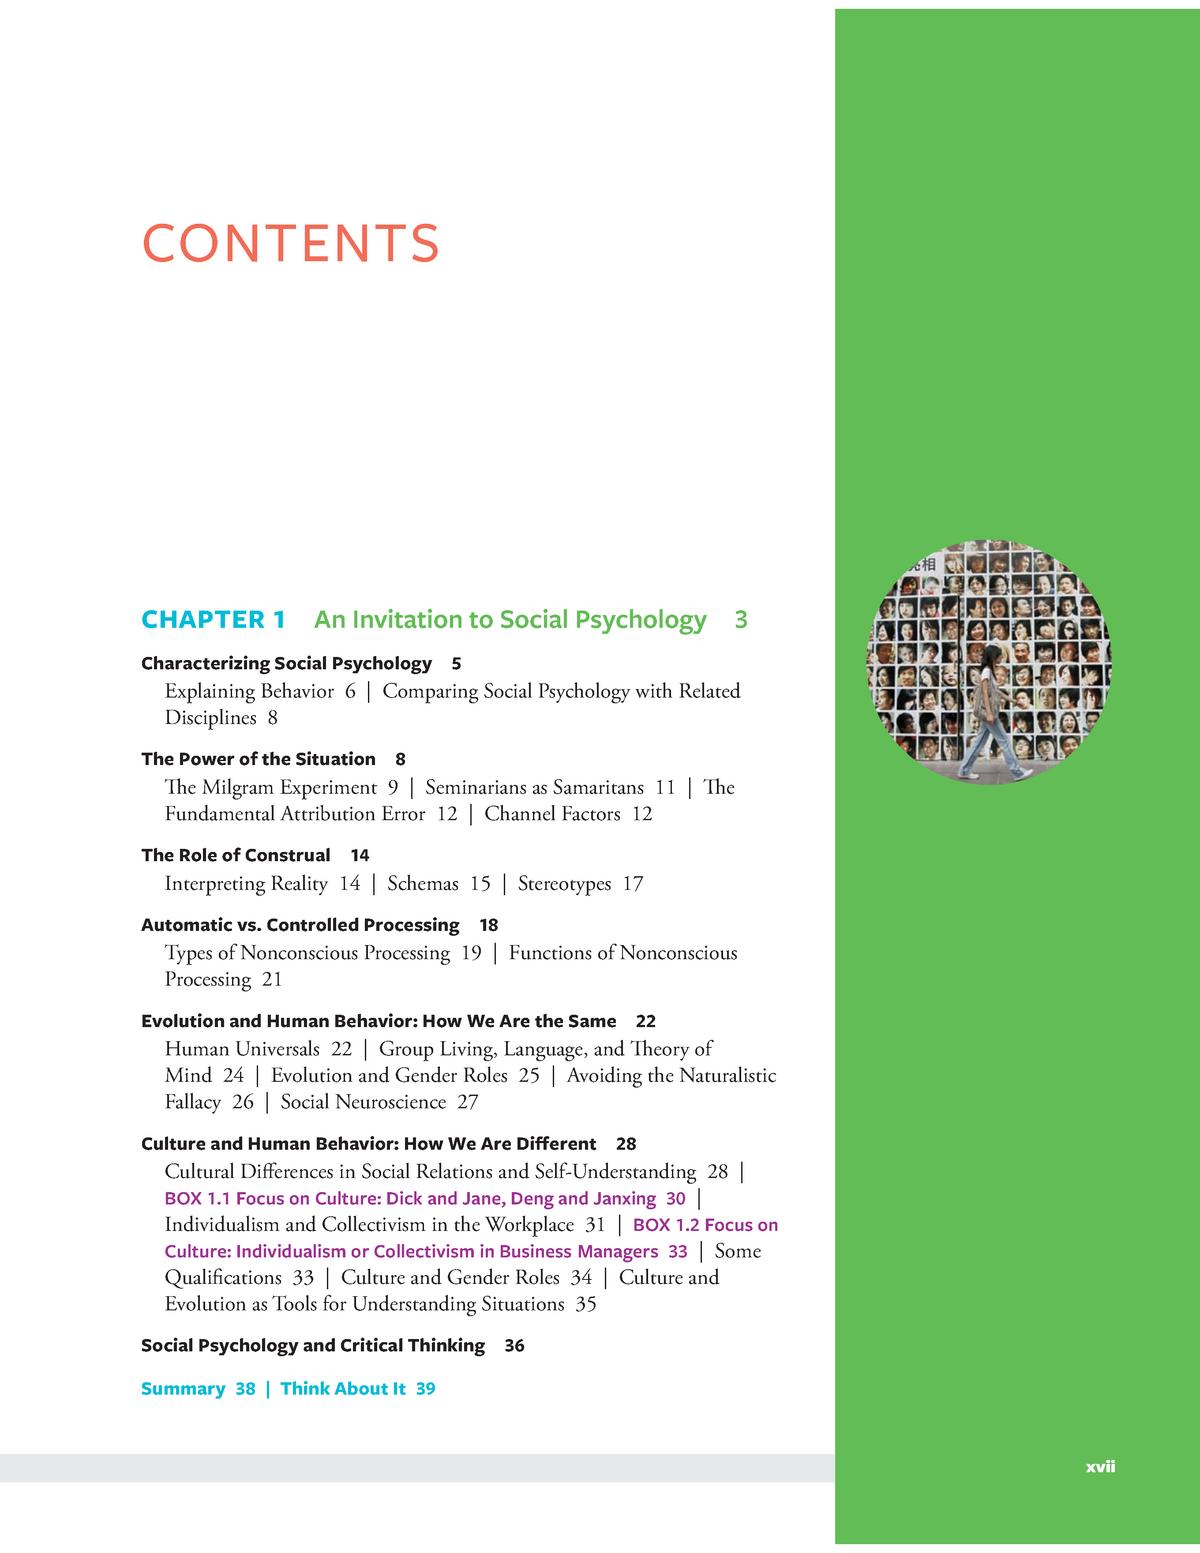 Chapters - Social Psychology Psyc 215 - StuDocu